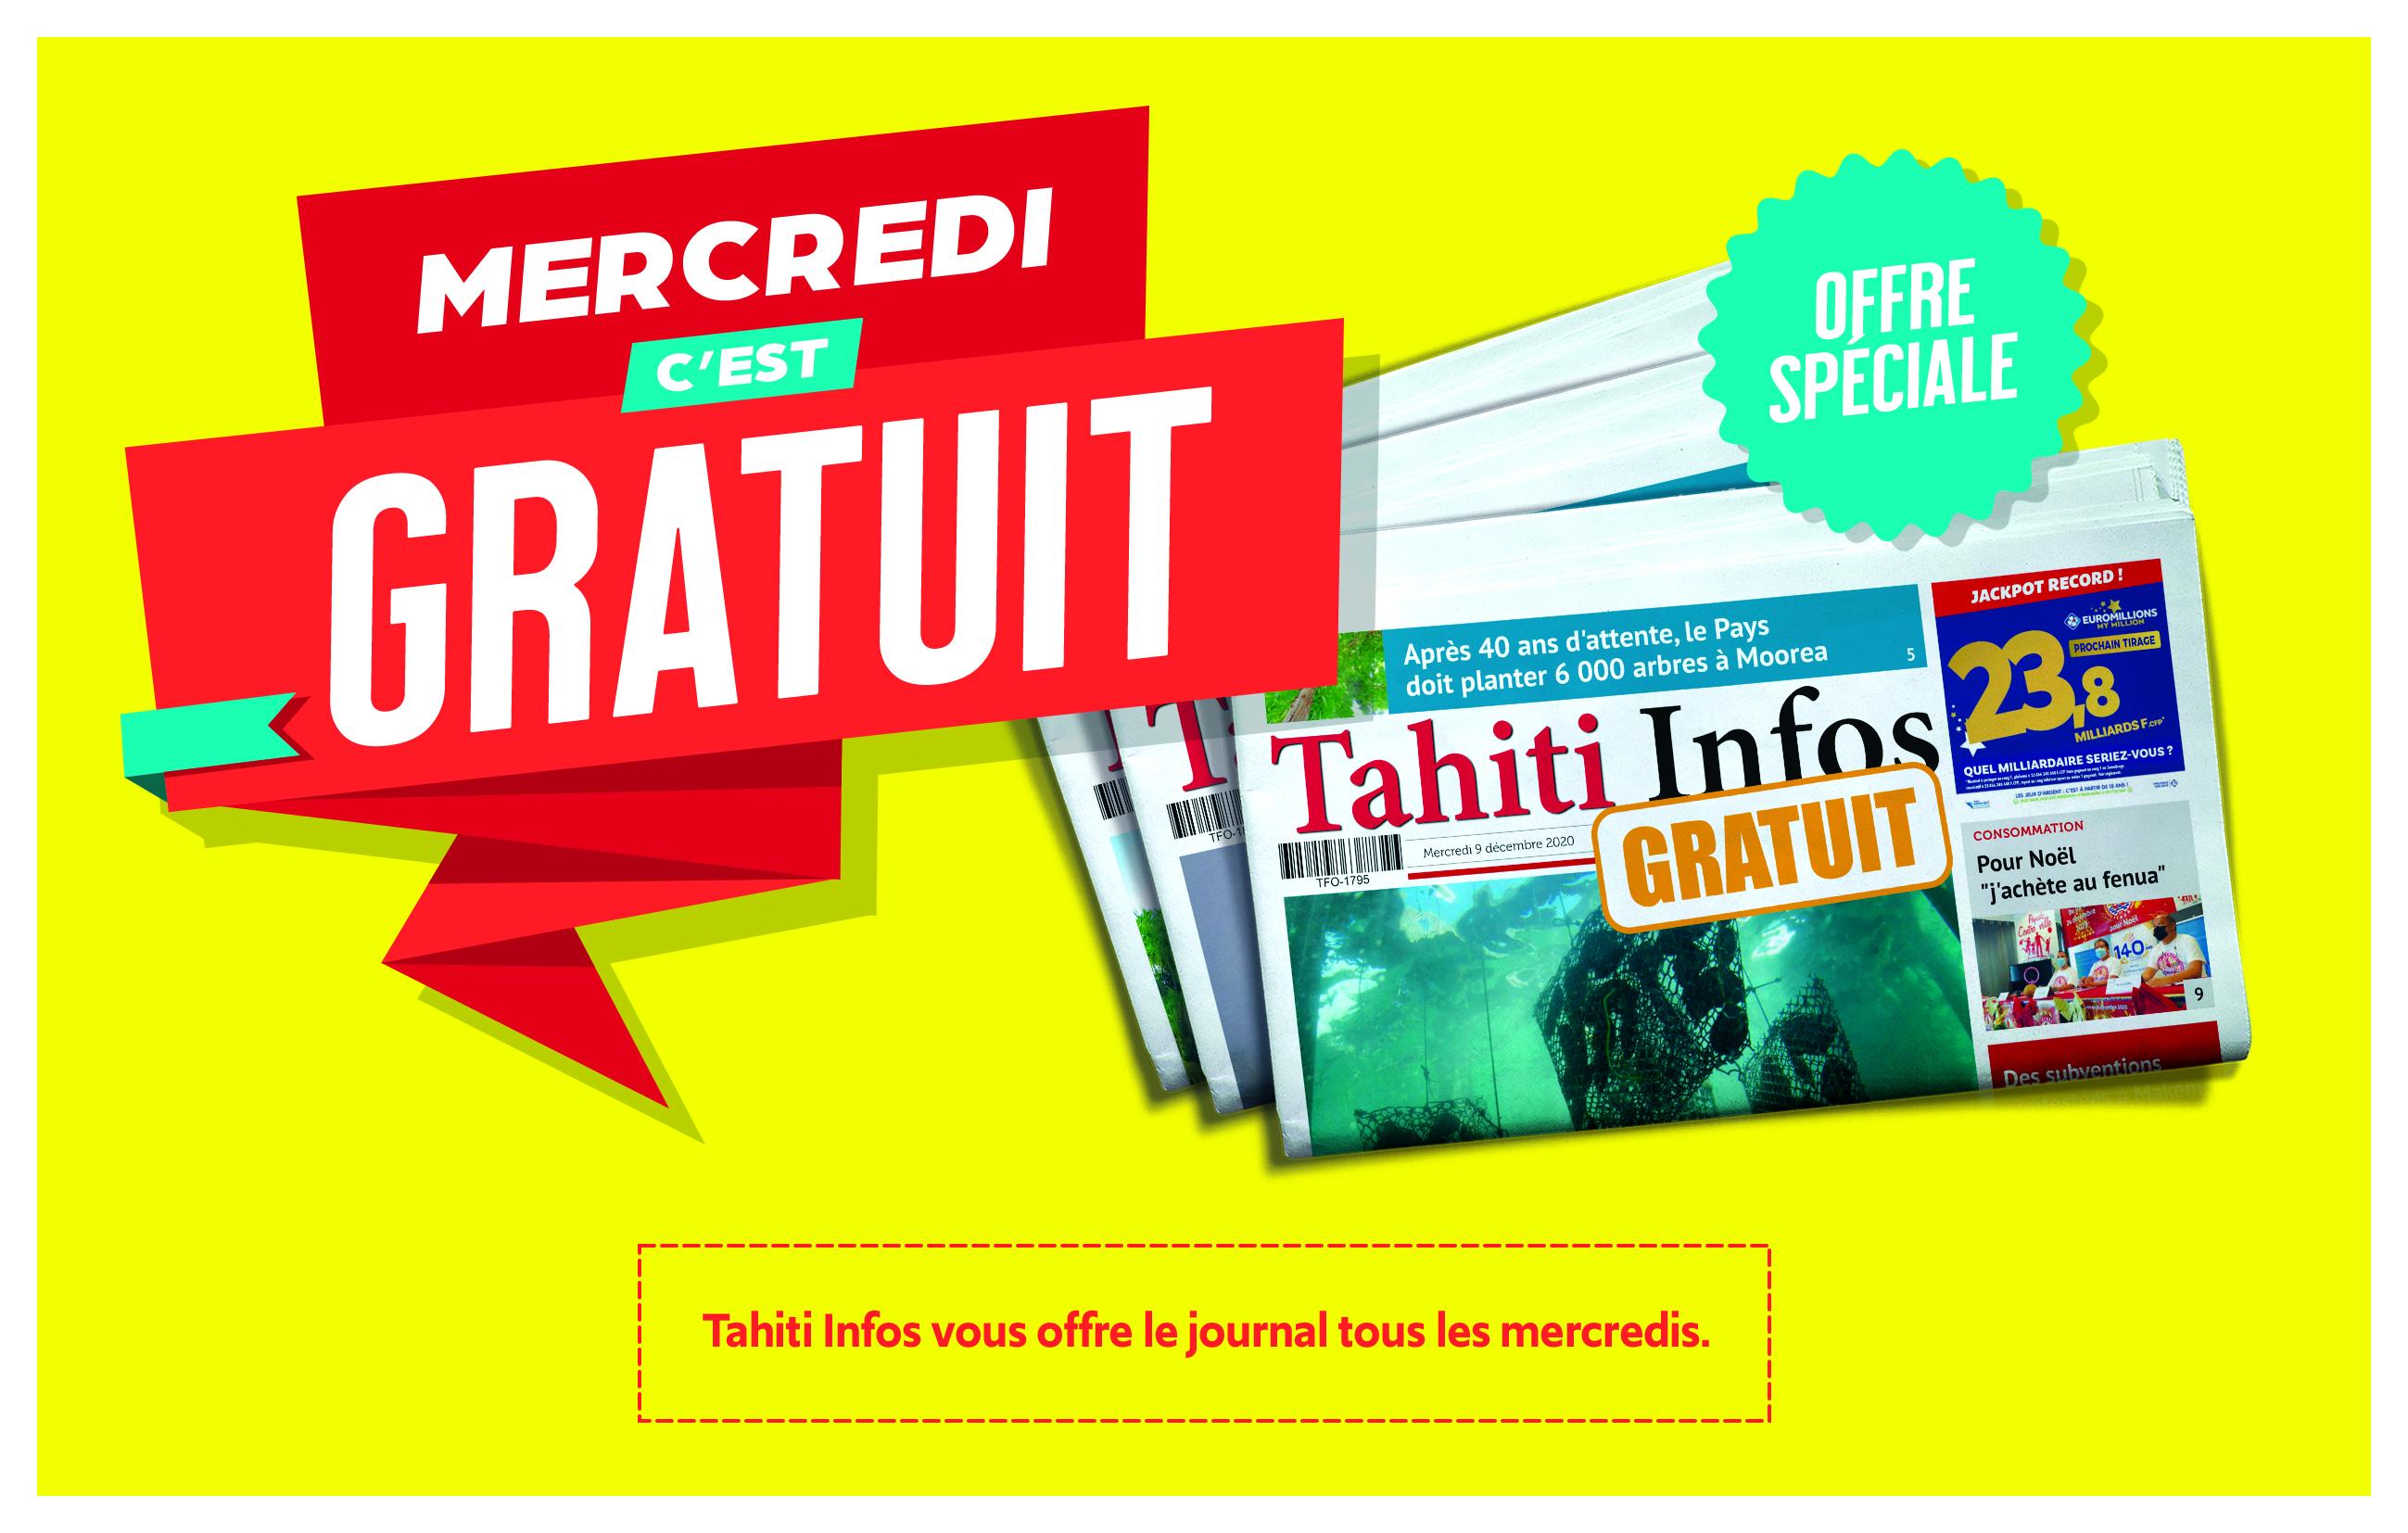 Tahiti Infos gratuit chaque mercredi